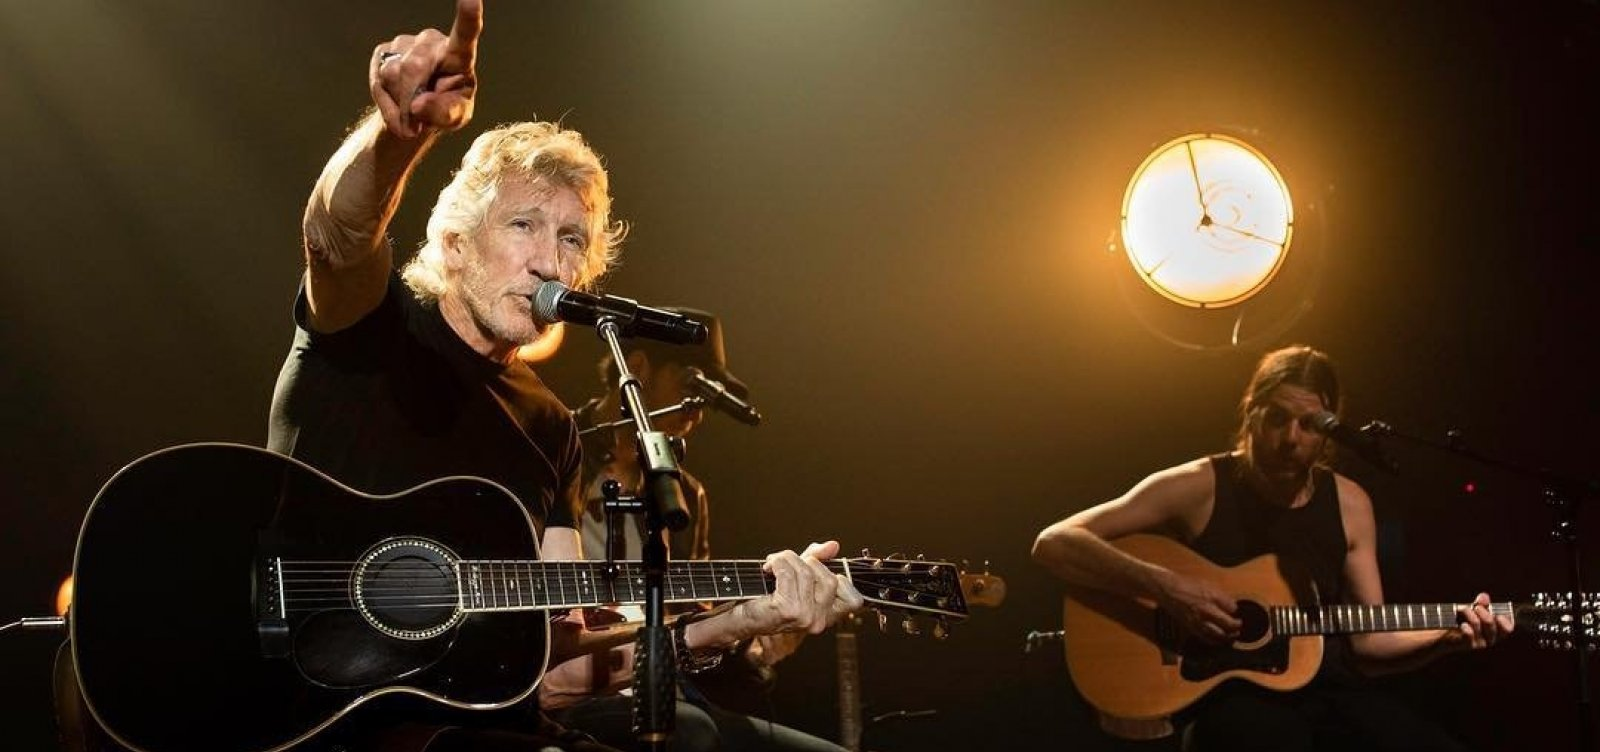 [Antes da proibição legal, Roger Waters exibe 'Ele Não!' em telão de show em Curitiba]